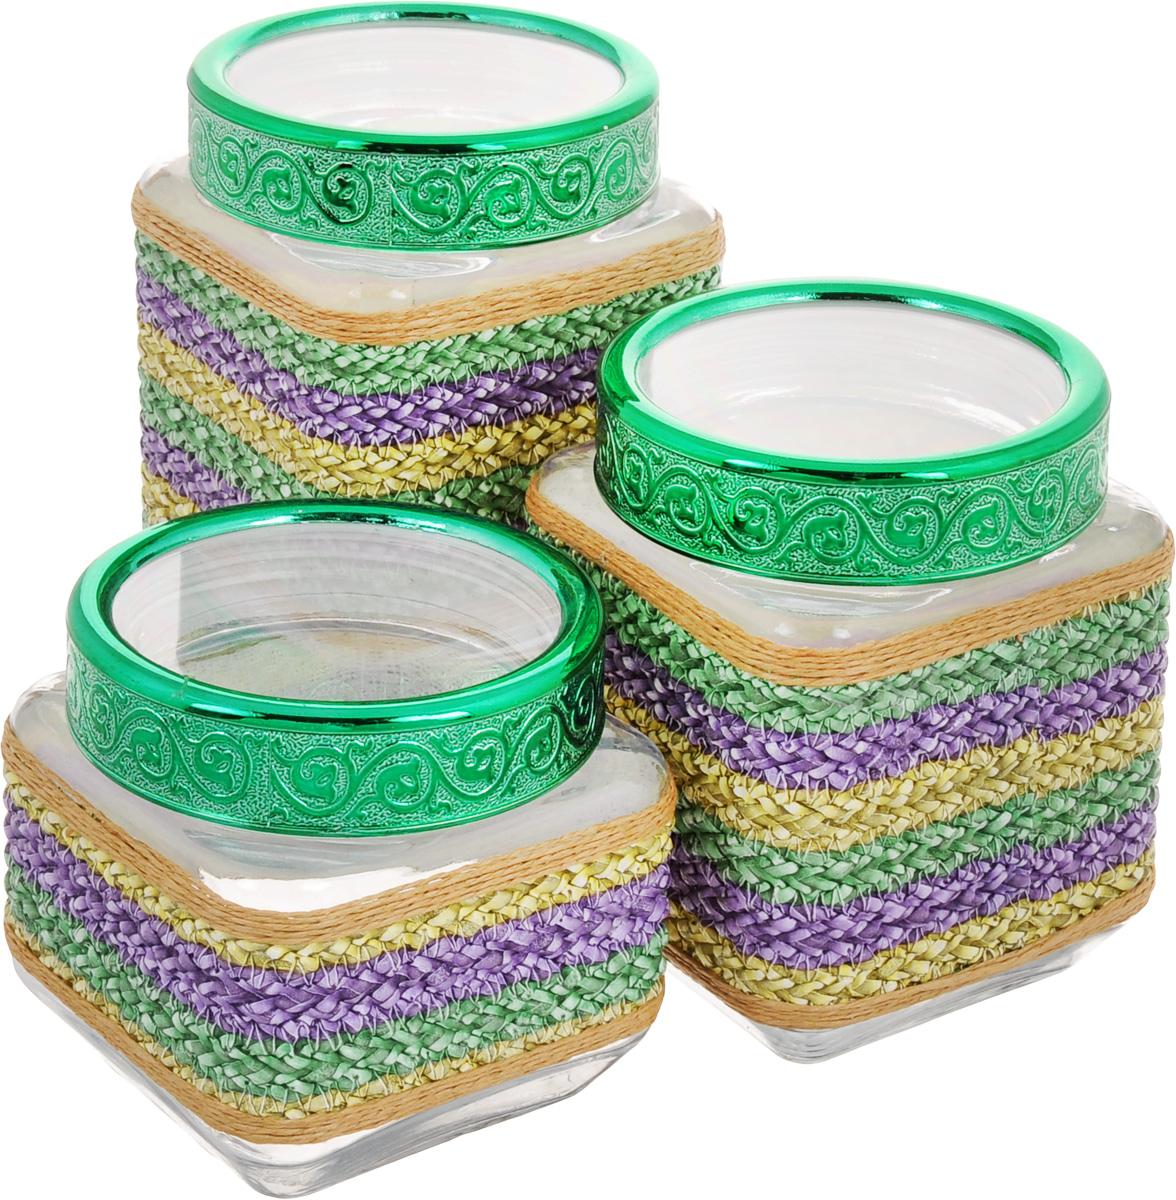 Набор банок для сыпучих продуктов Mayer & Boch, цвет: прозрачный, зеленый, сиреневый, 3 шт. 25514